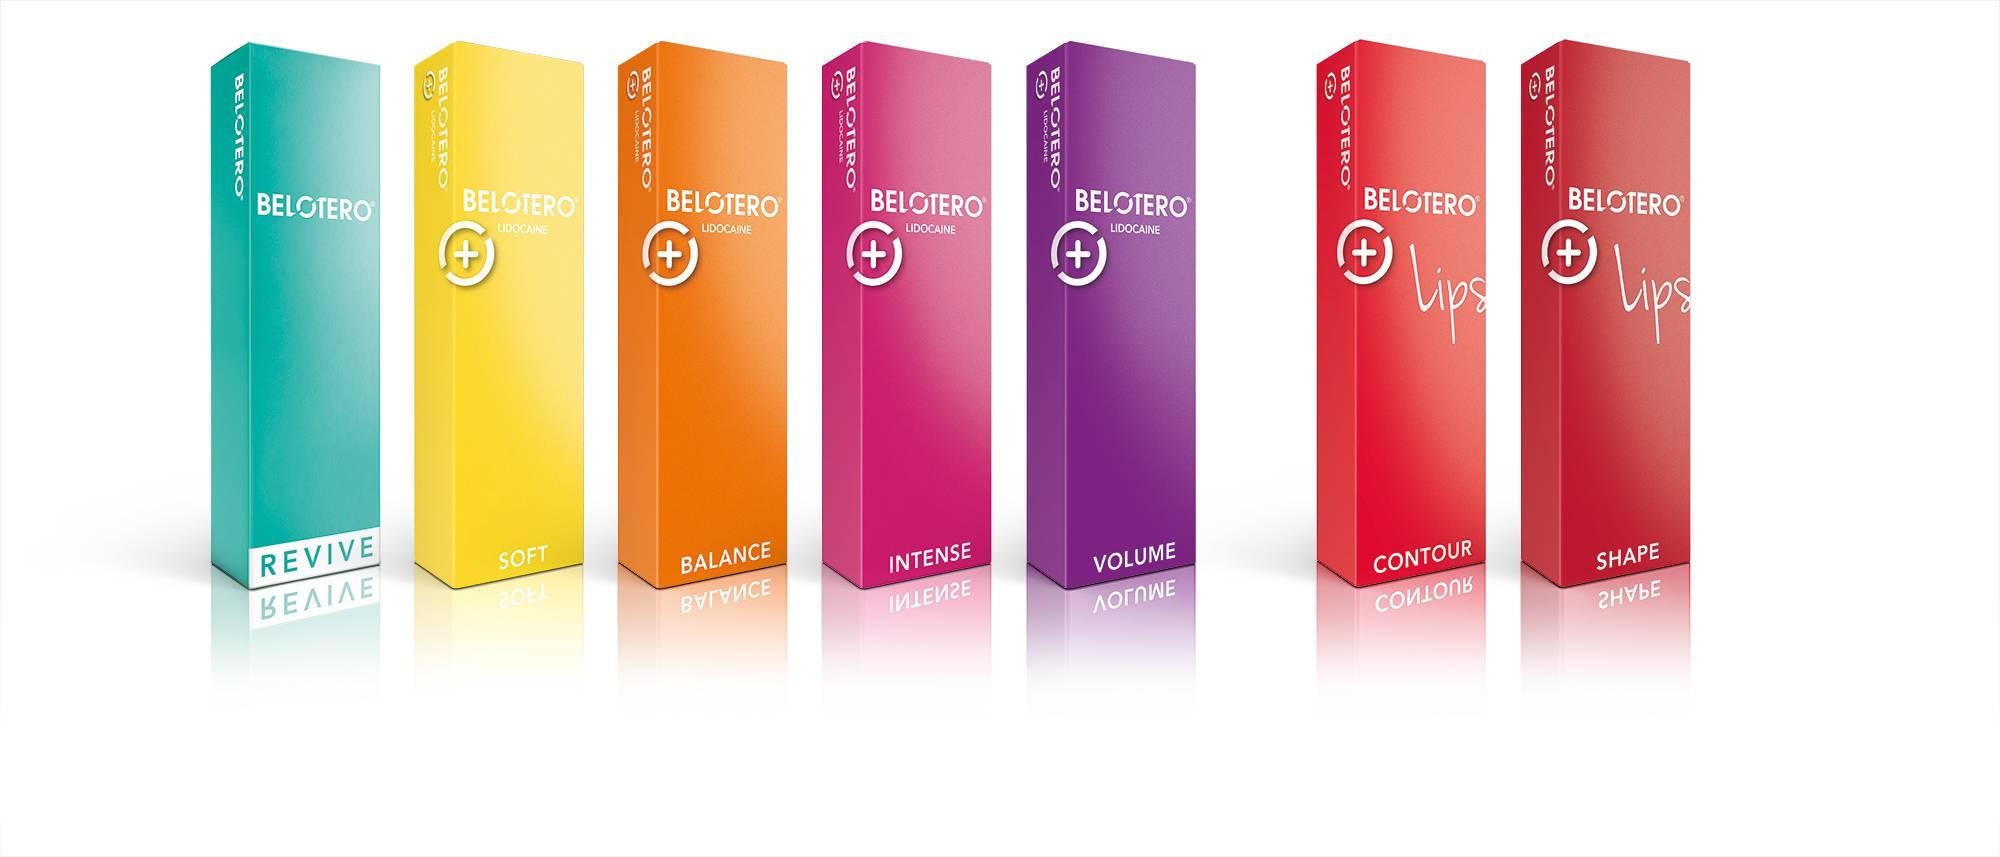 Белотеро: описание филлера, производитель и характеристики препарата для лица и губ